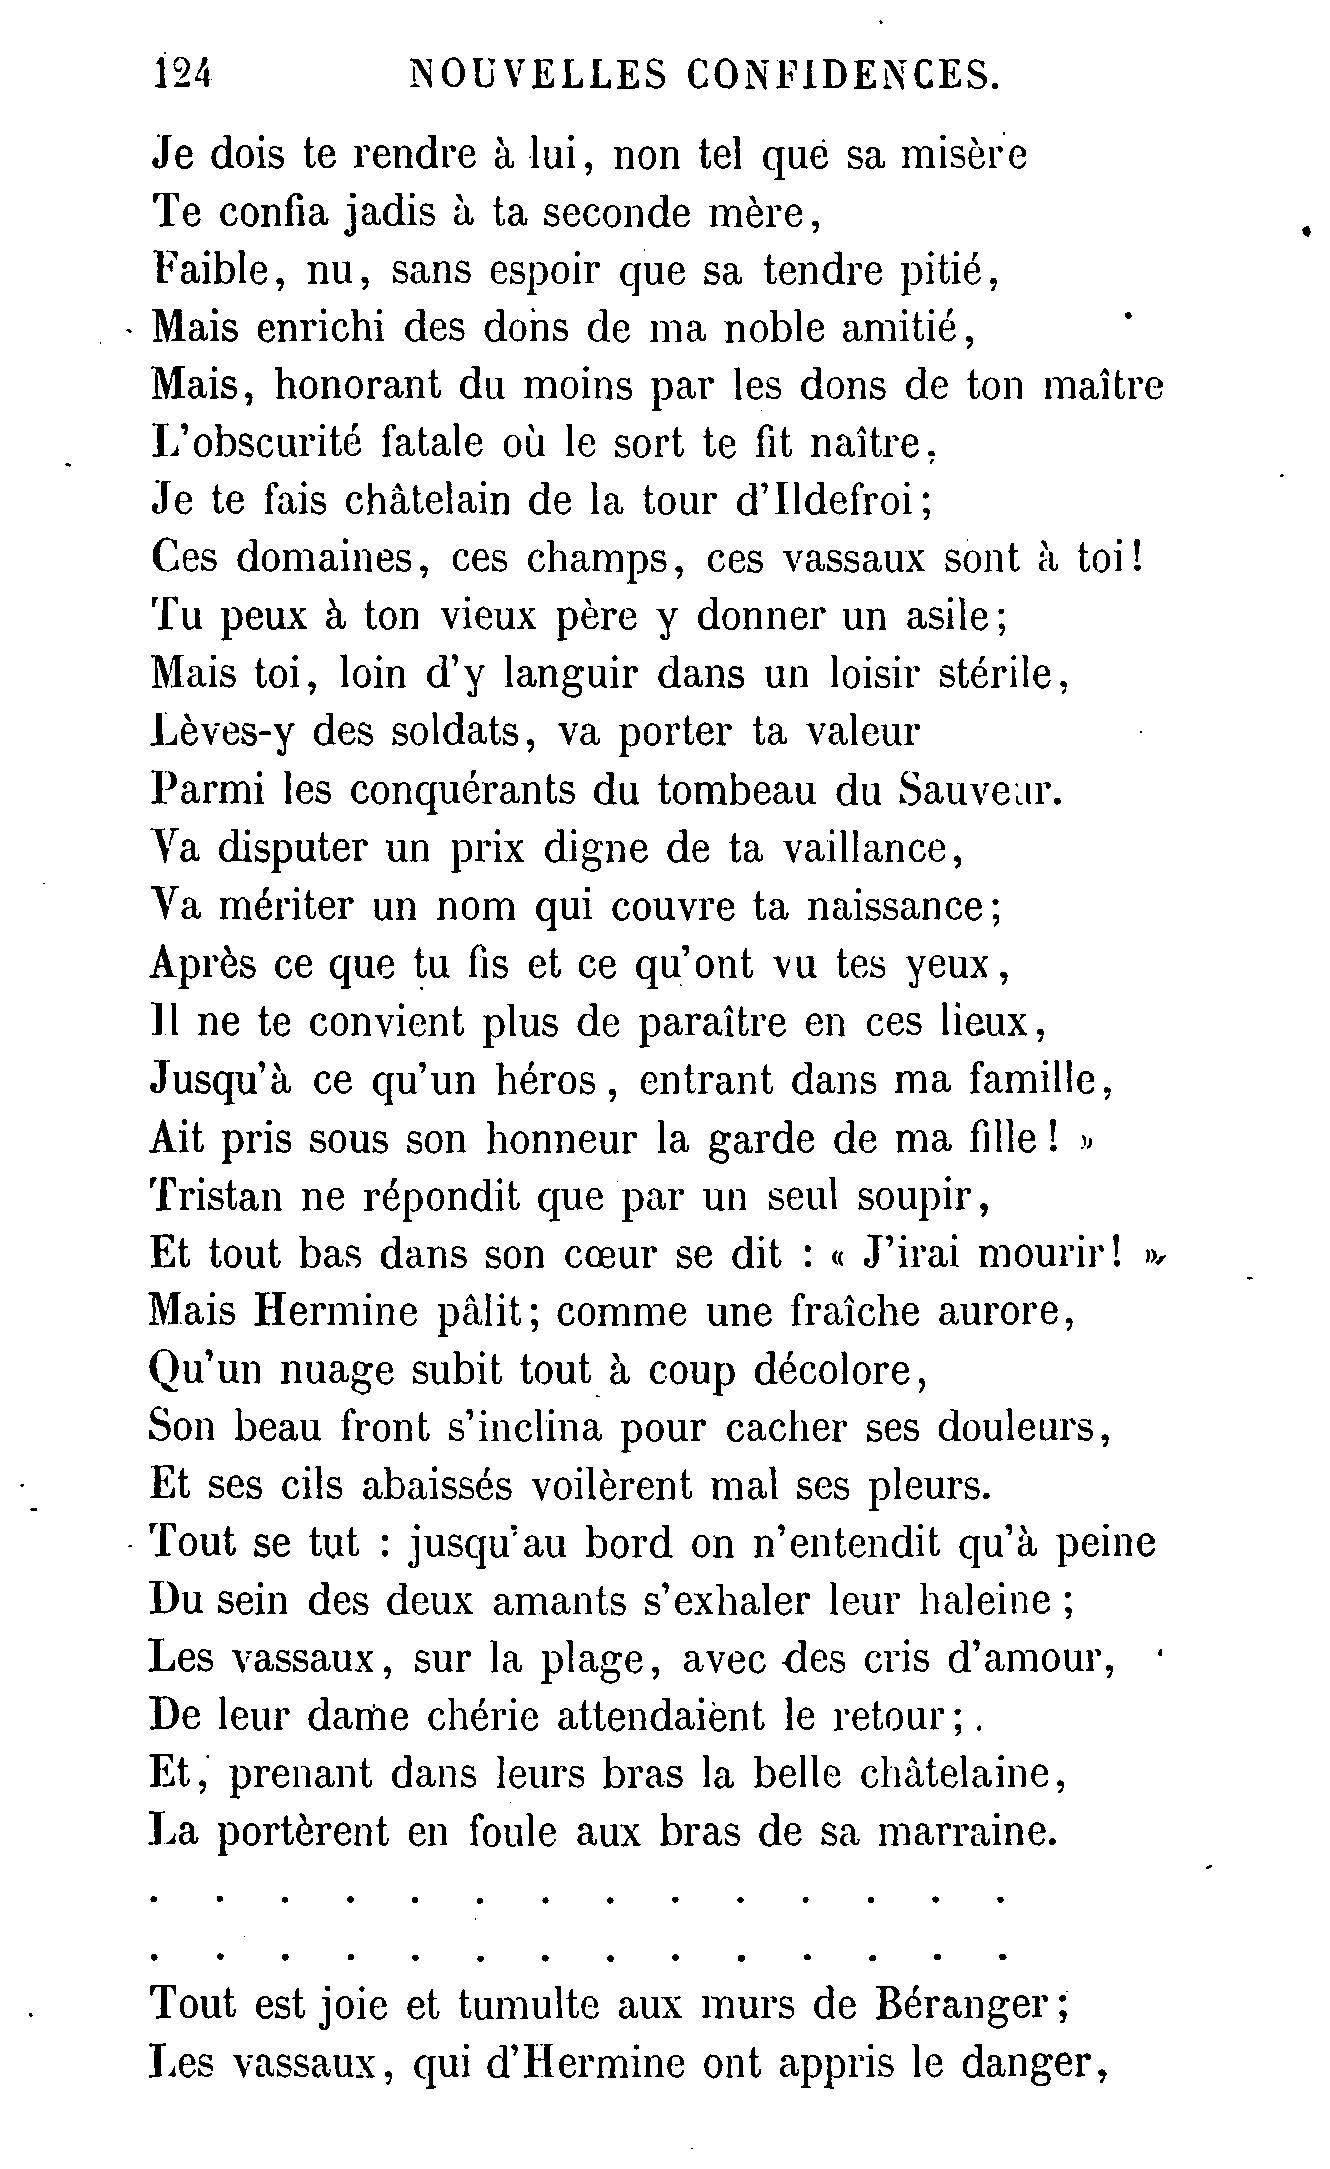 Chatelaine - Amants Romantiques